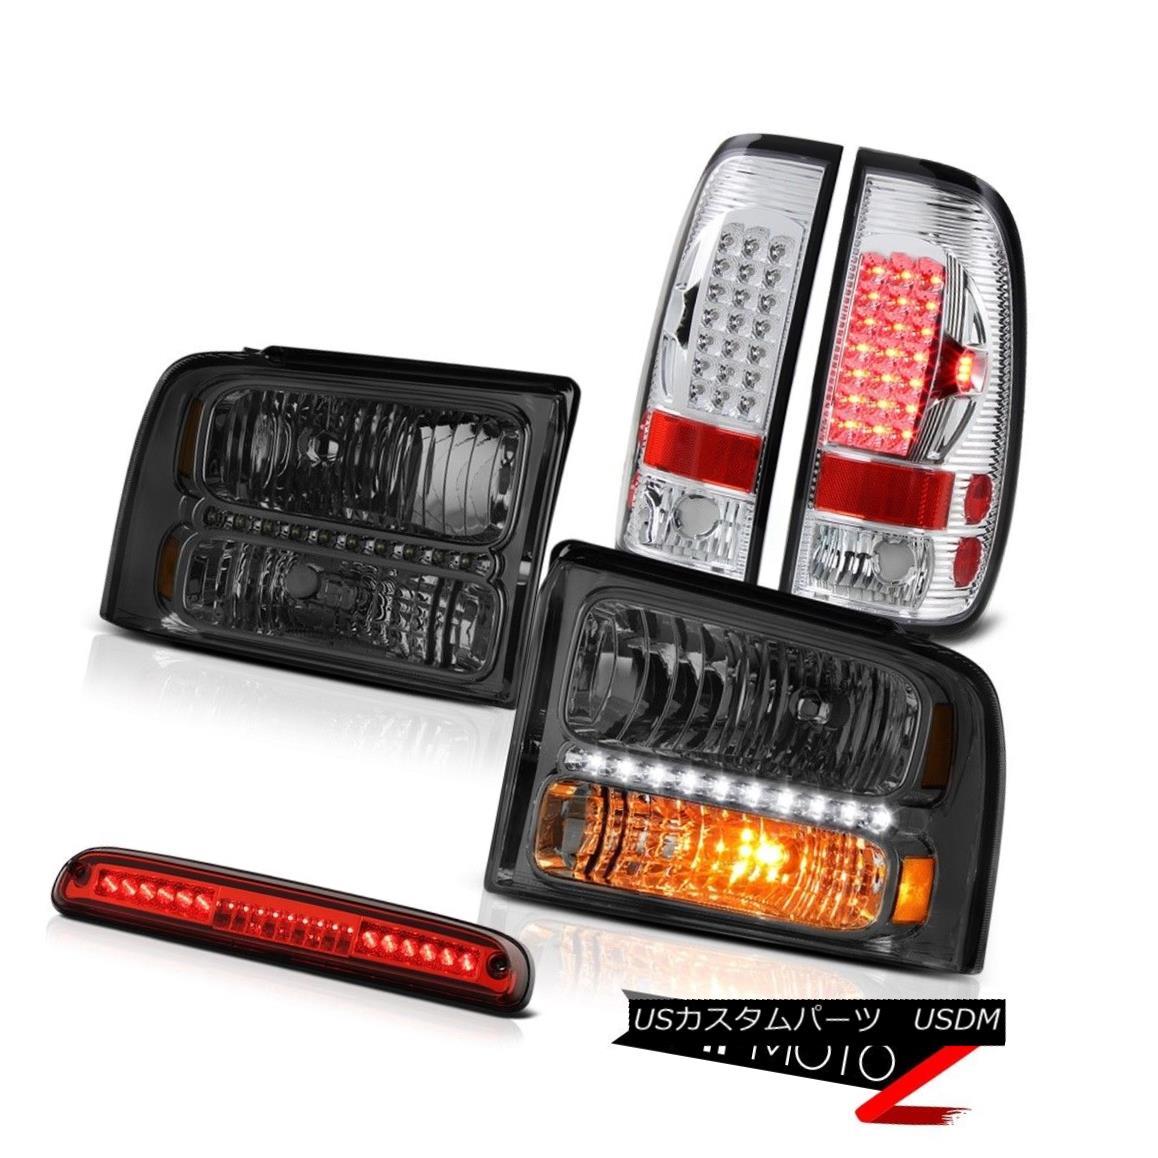 ヘッドライト 2005-2007 F250 6.0L Crystal Smoke Headlights Chrome LED Taillamps High Stop Red 2005-2007 F250 6.0LクリスタルスモークヘッドライトクロームLEDタイルランプハイストップレッド